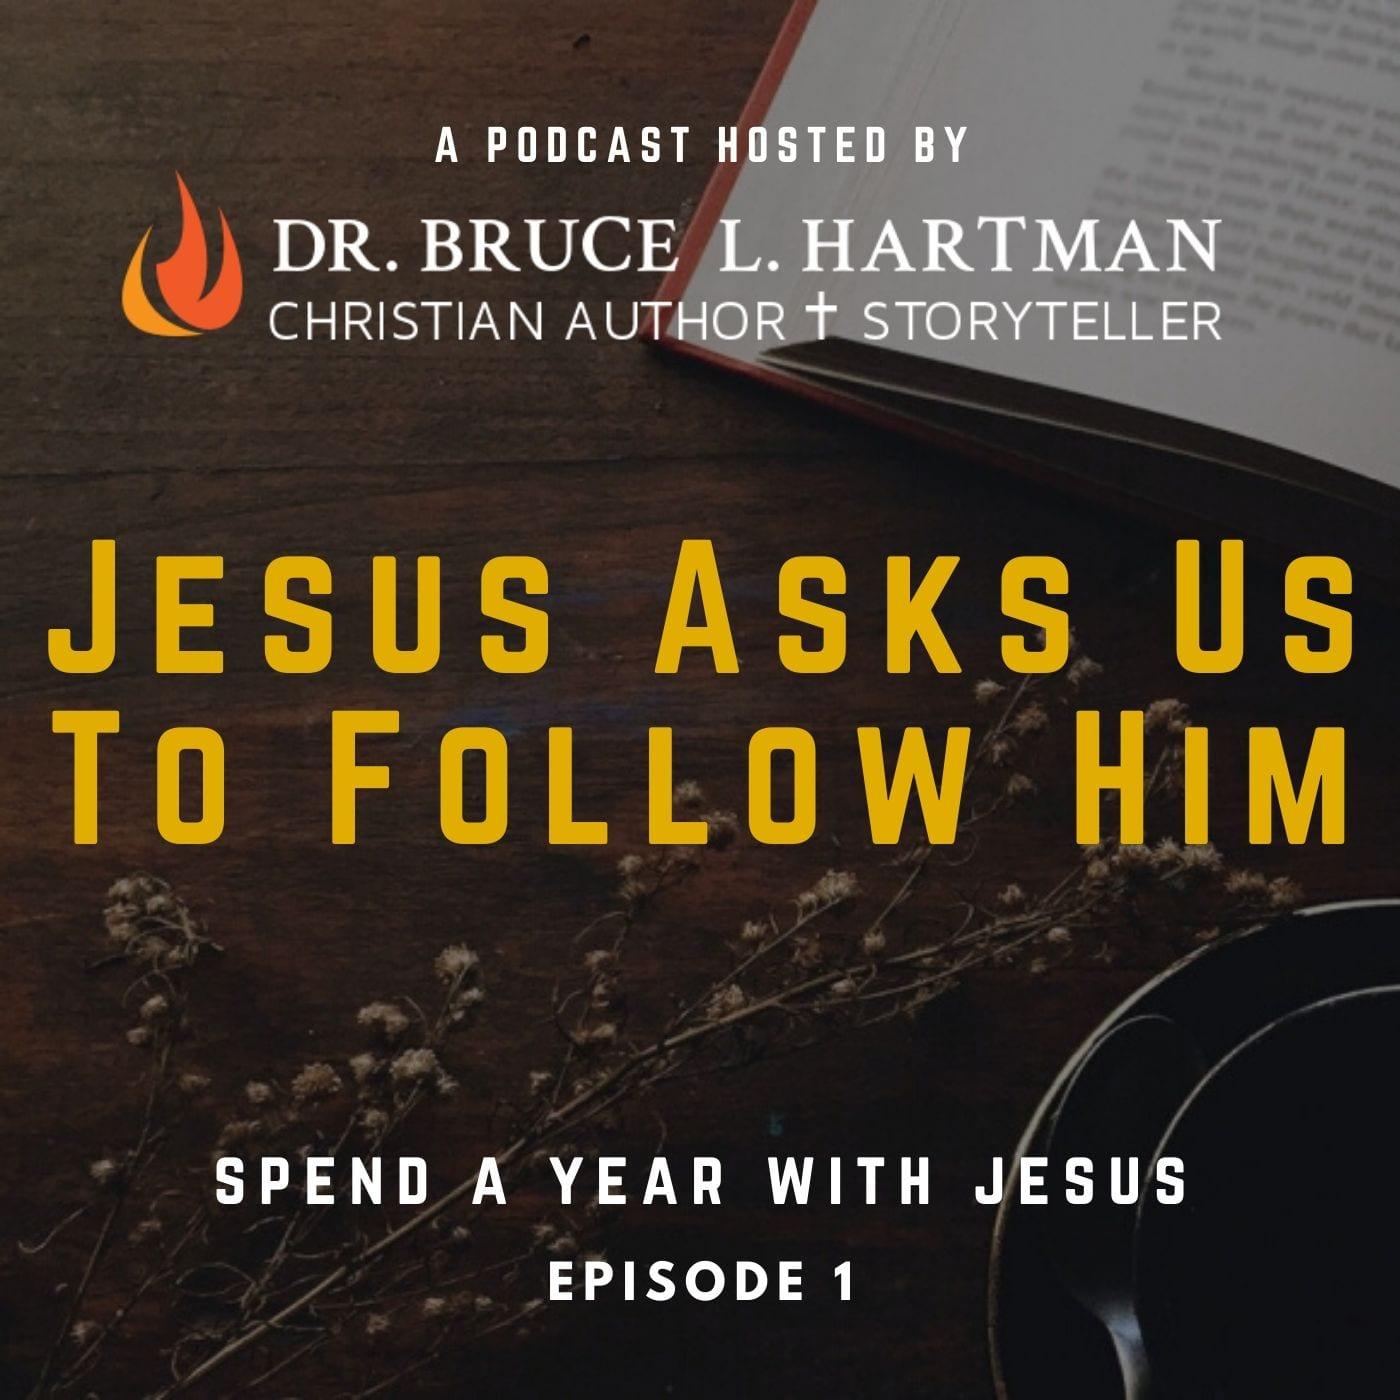 Jesus asks us to follow him